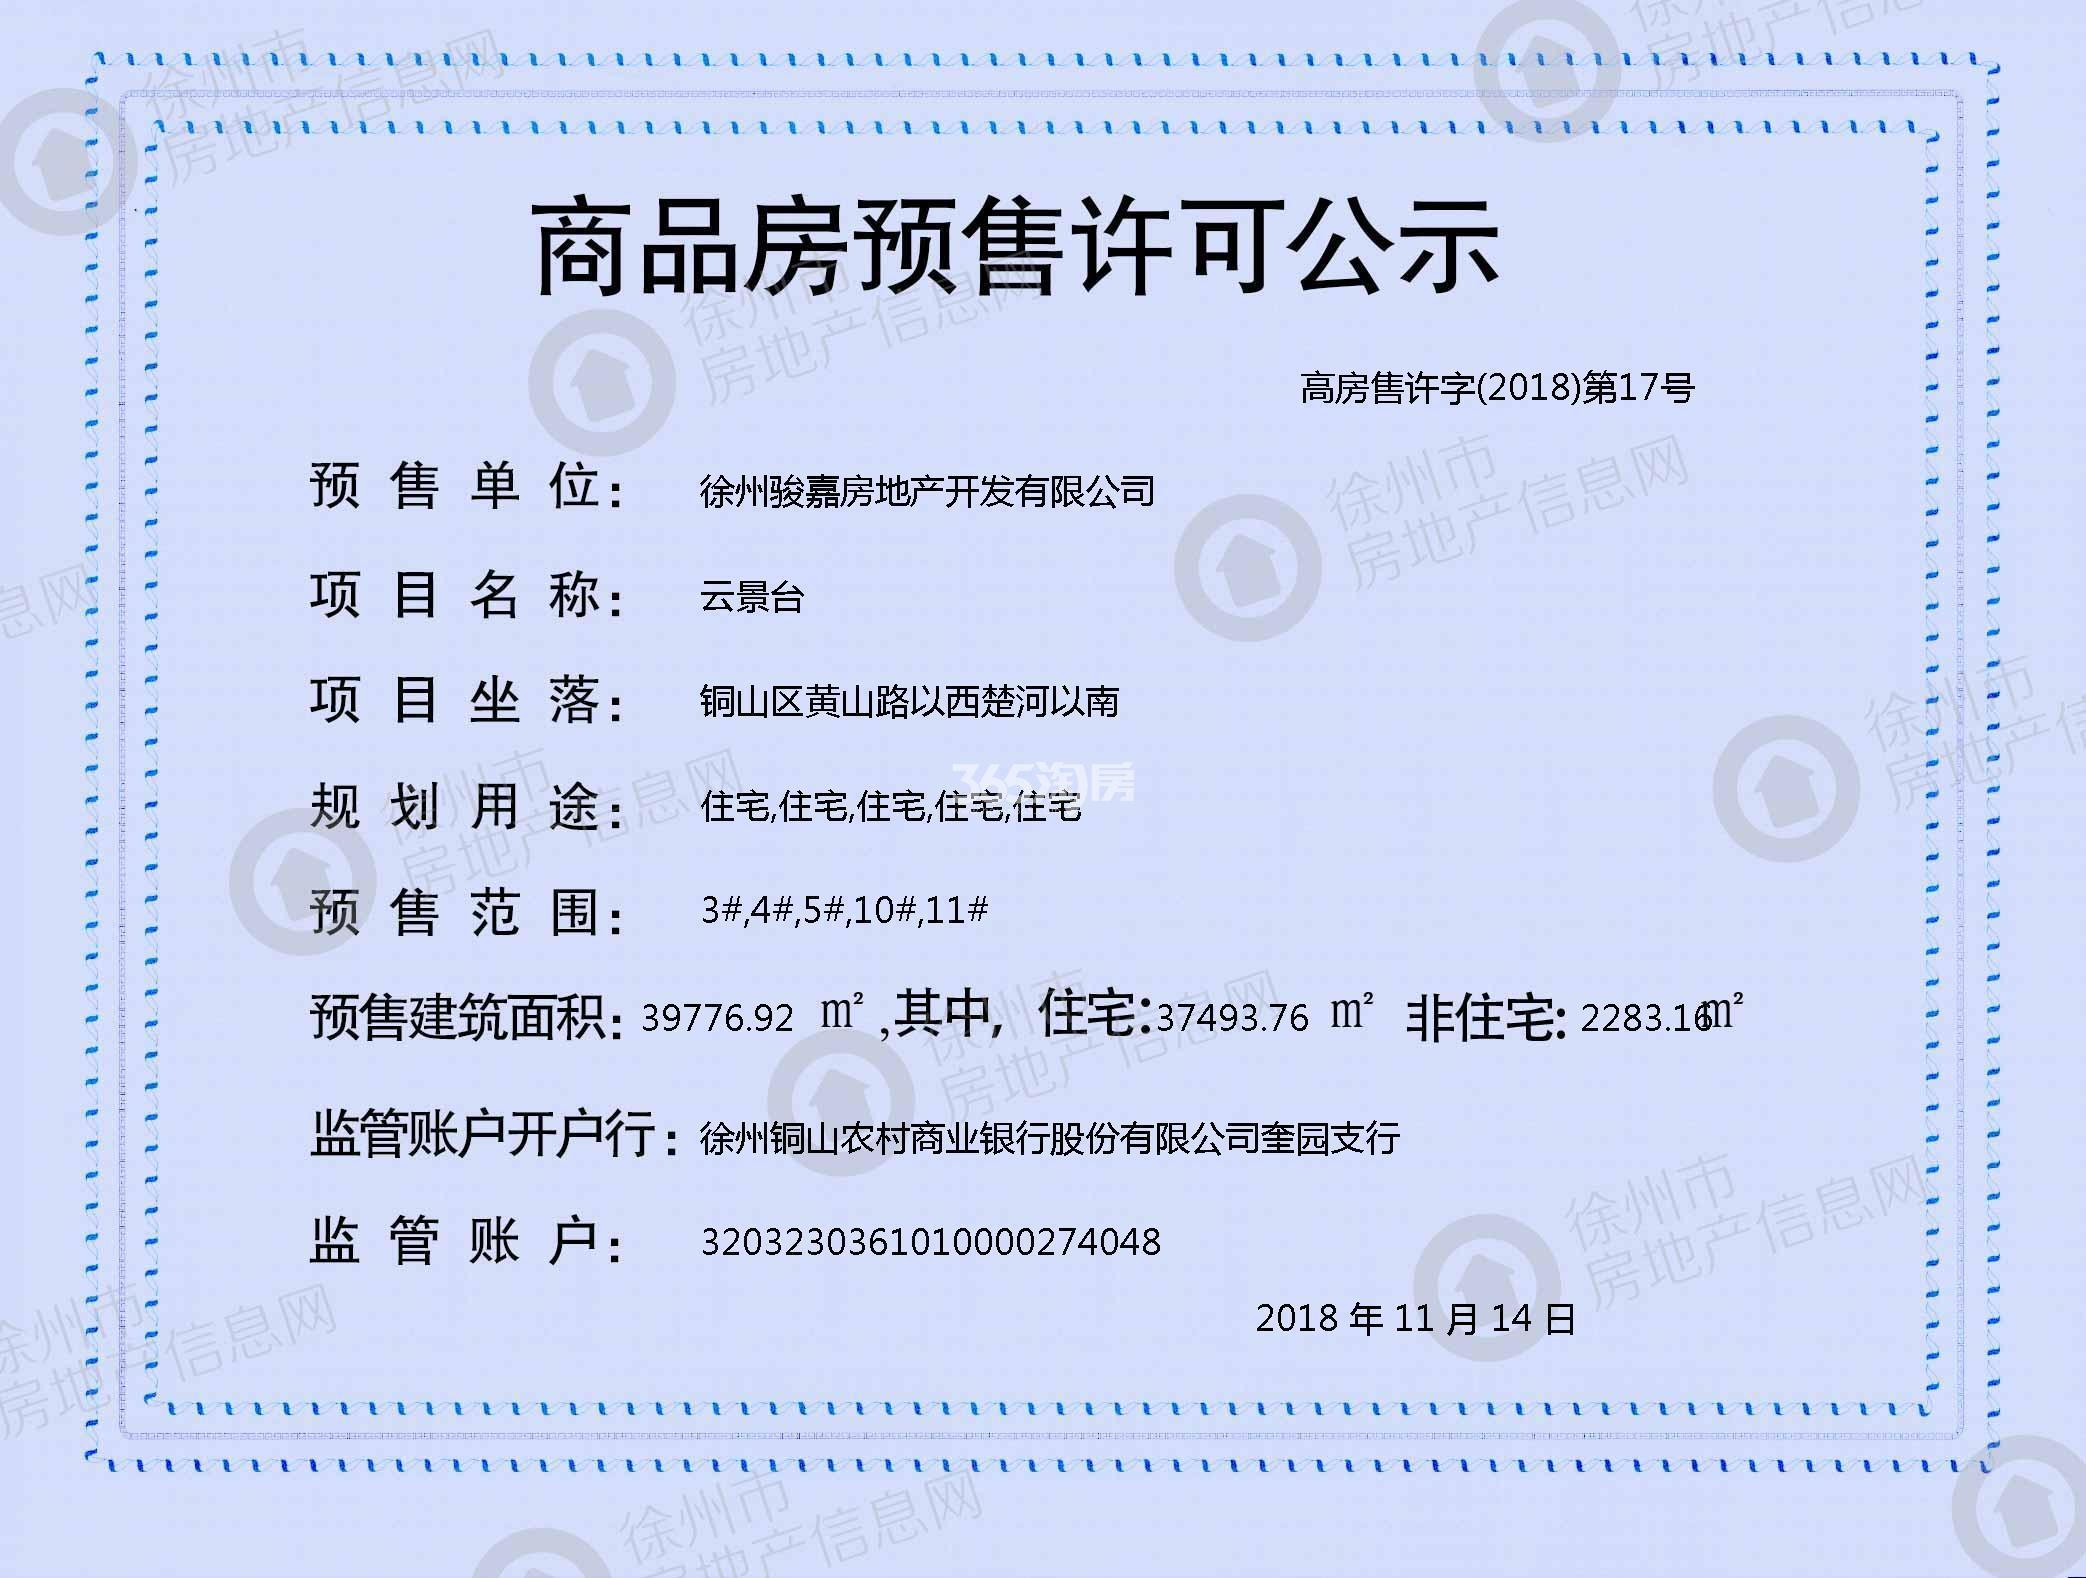 中骏云景台预售许可证